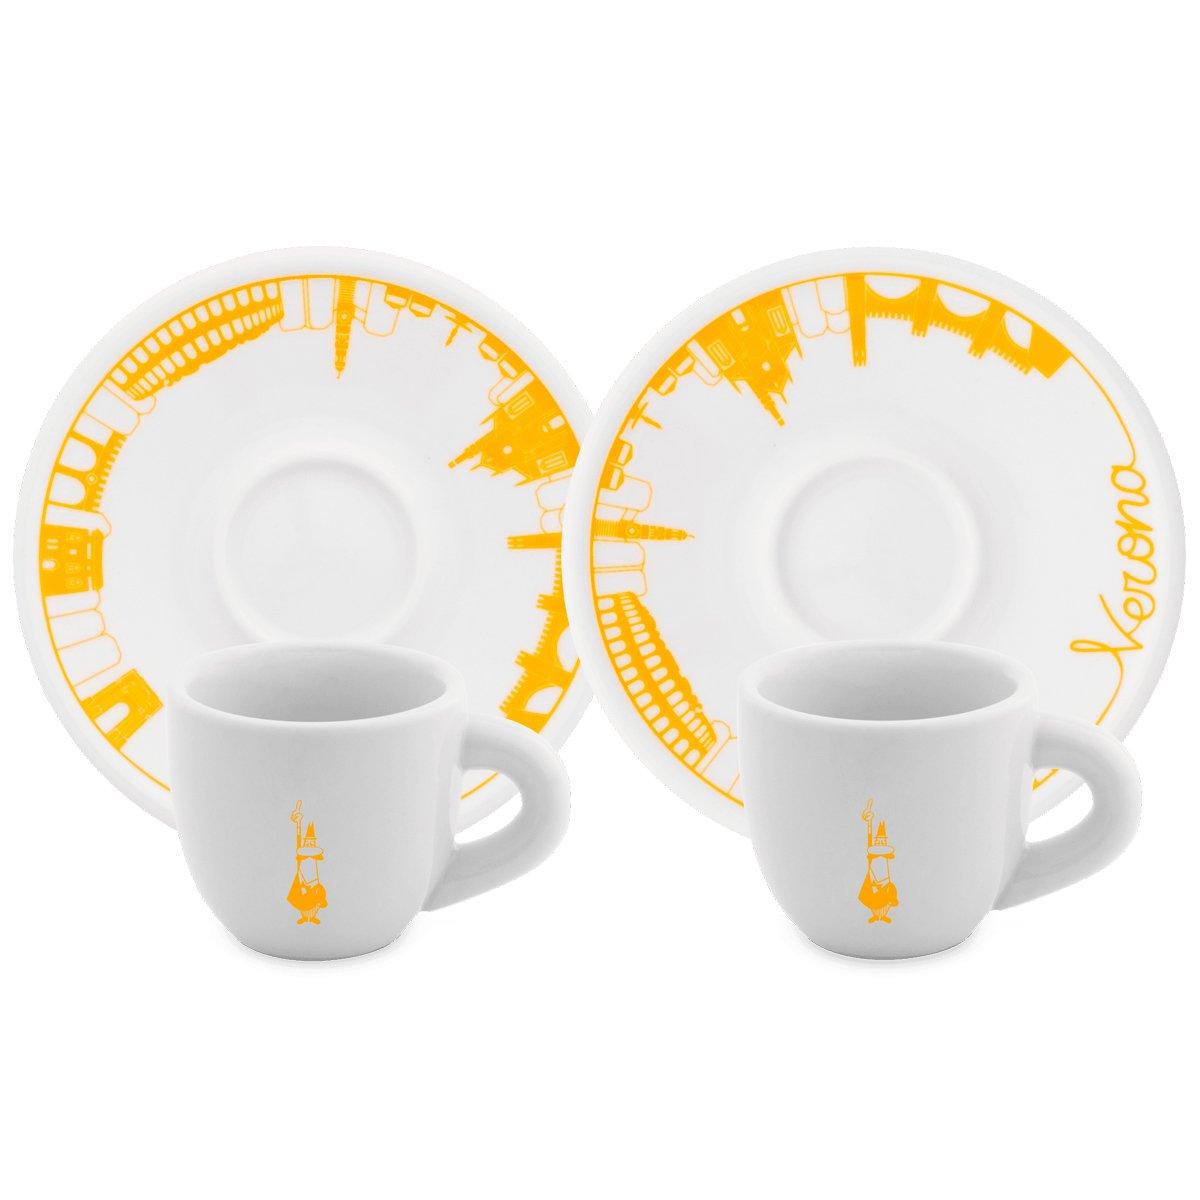 Tazas para espresso marca Bialetti